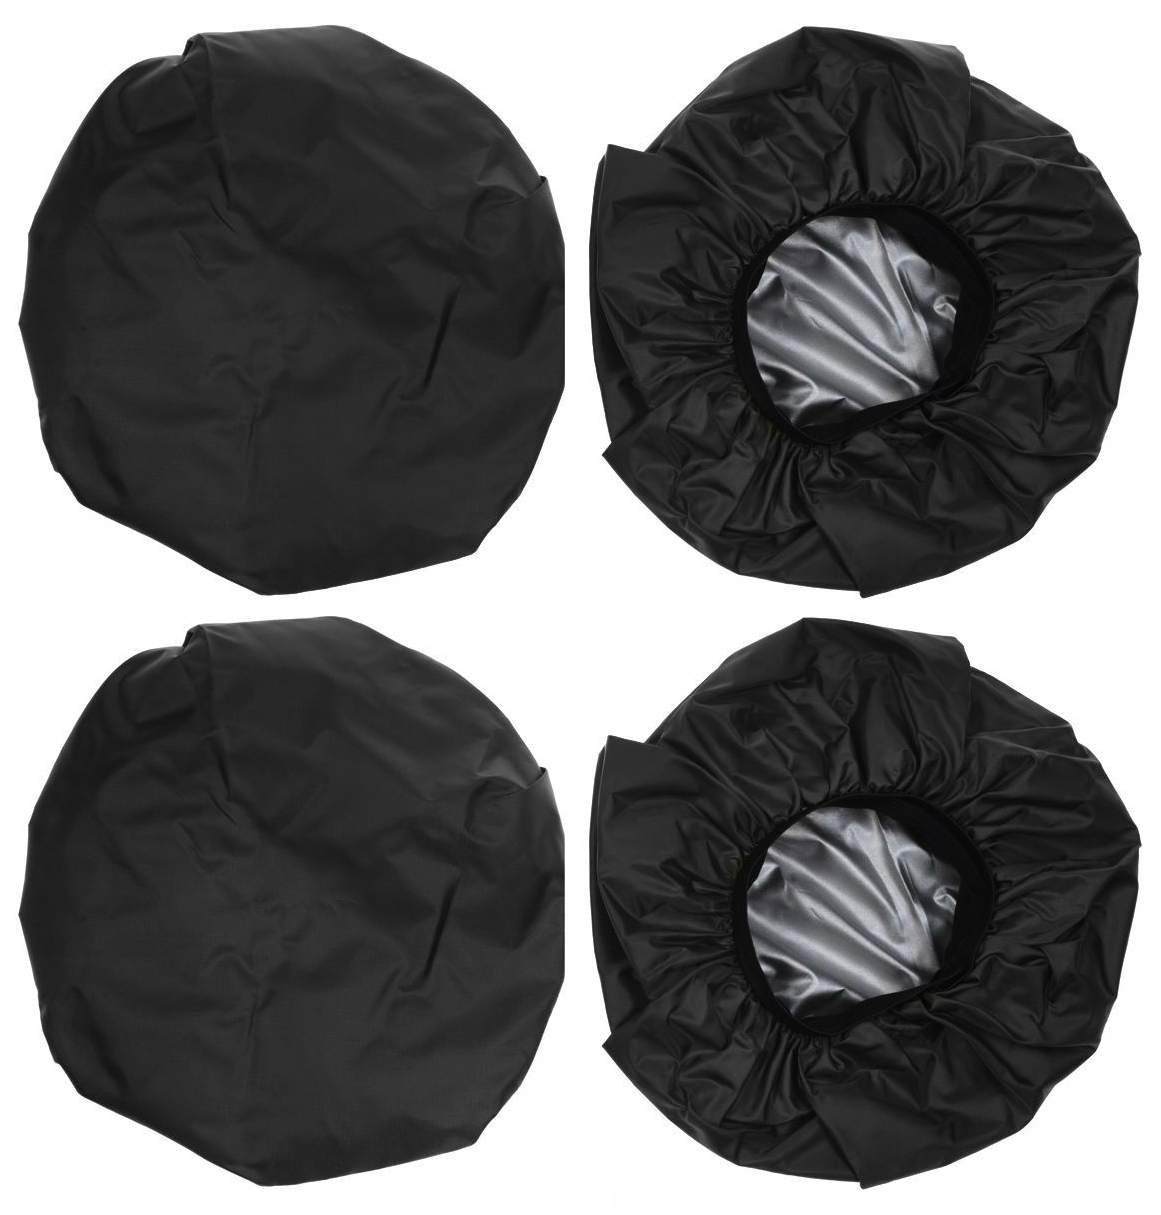 Чехлы на колеса для детской коляски Leader Kids 16300230 (диаметр колеса до 22 см) Черный